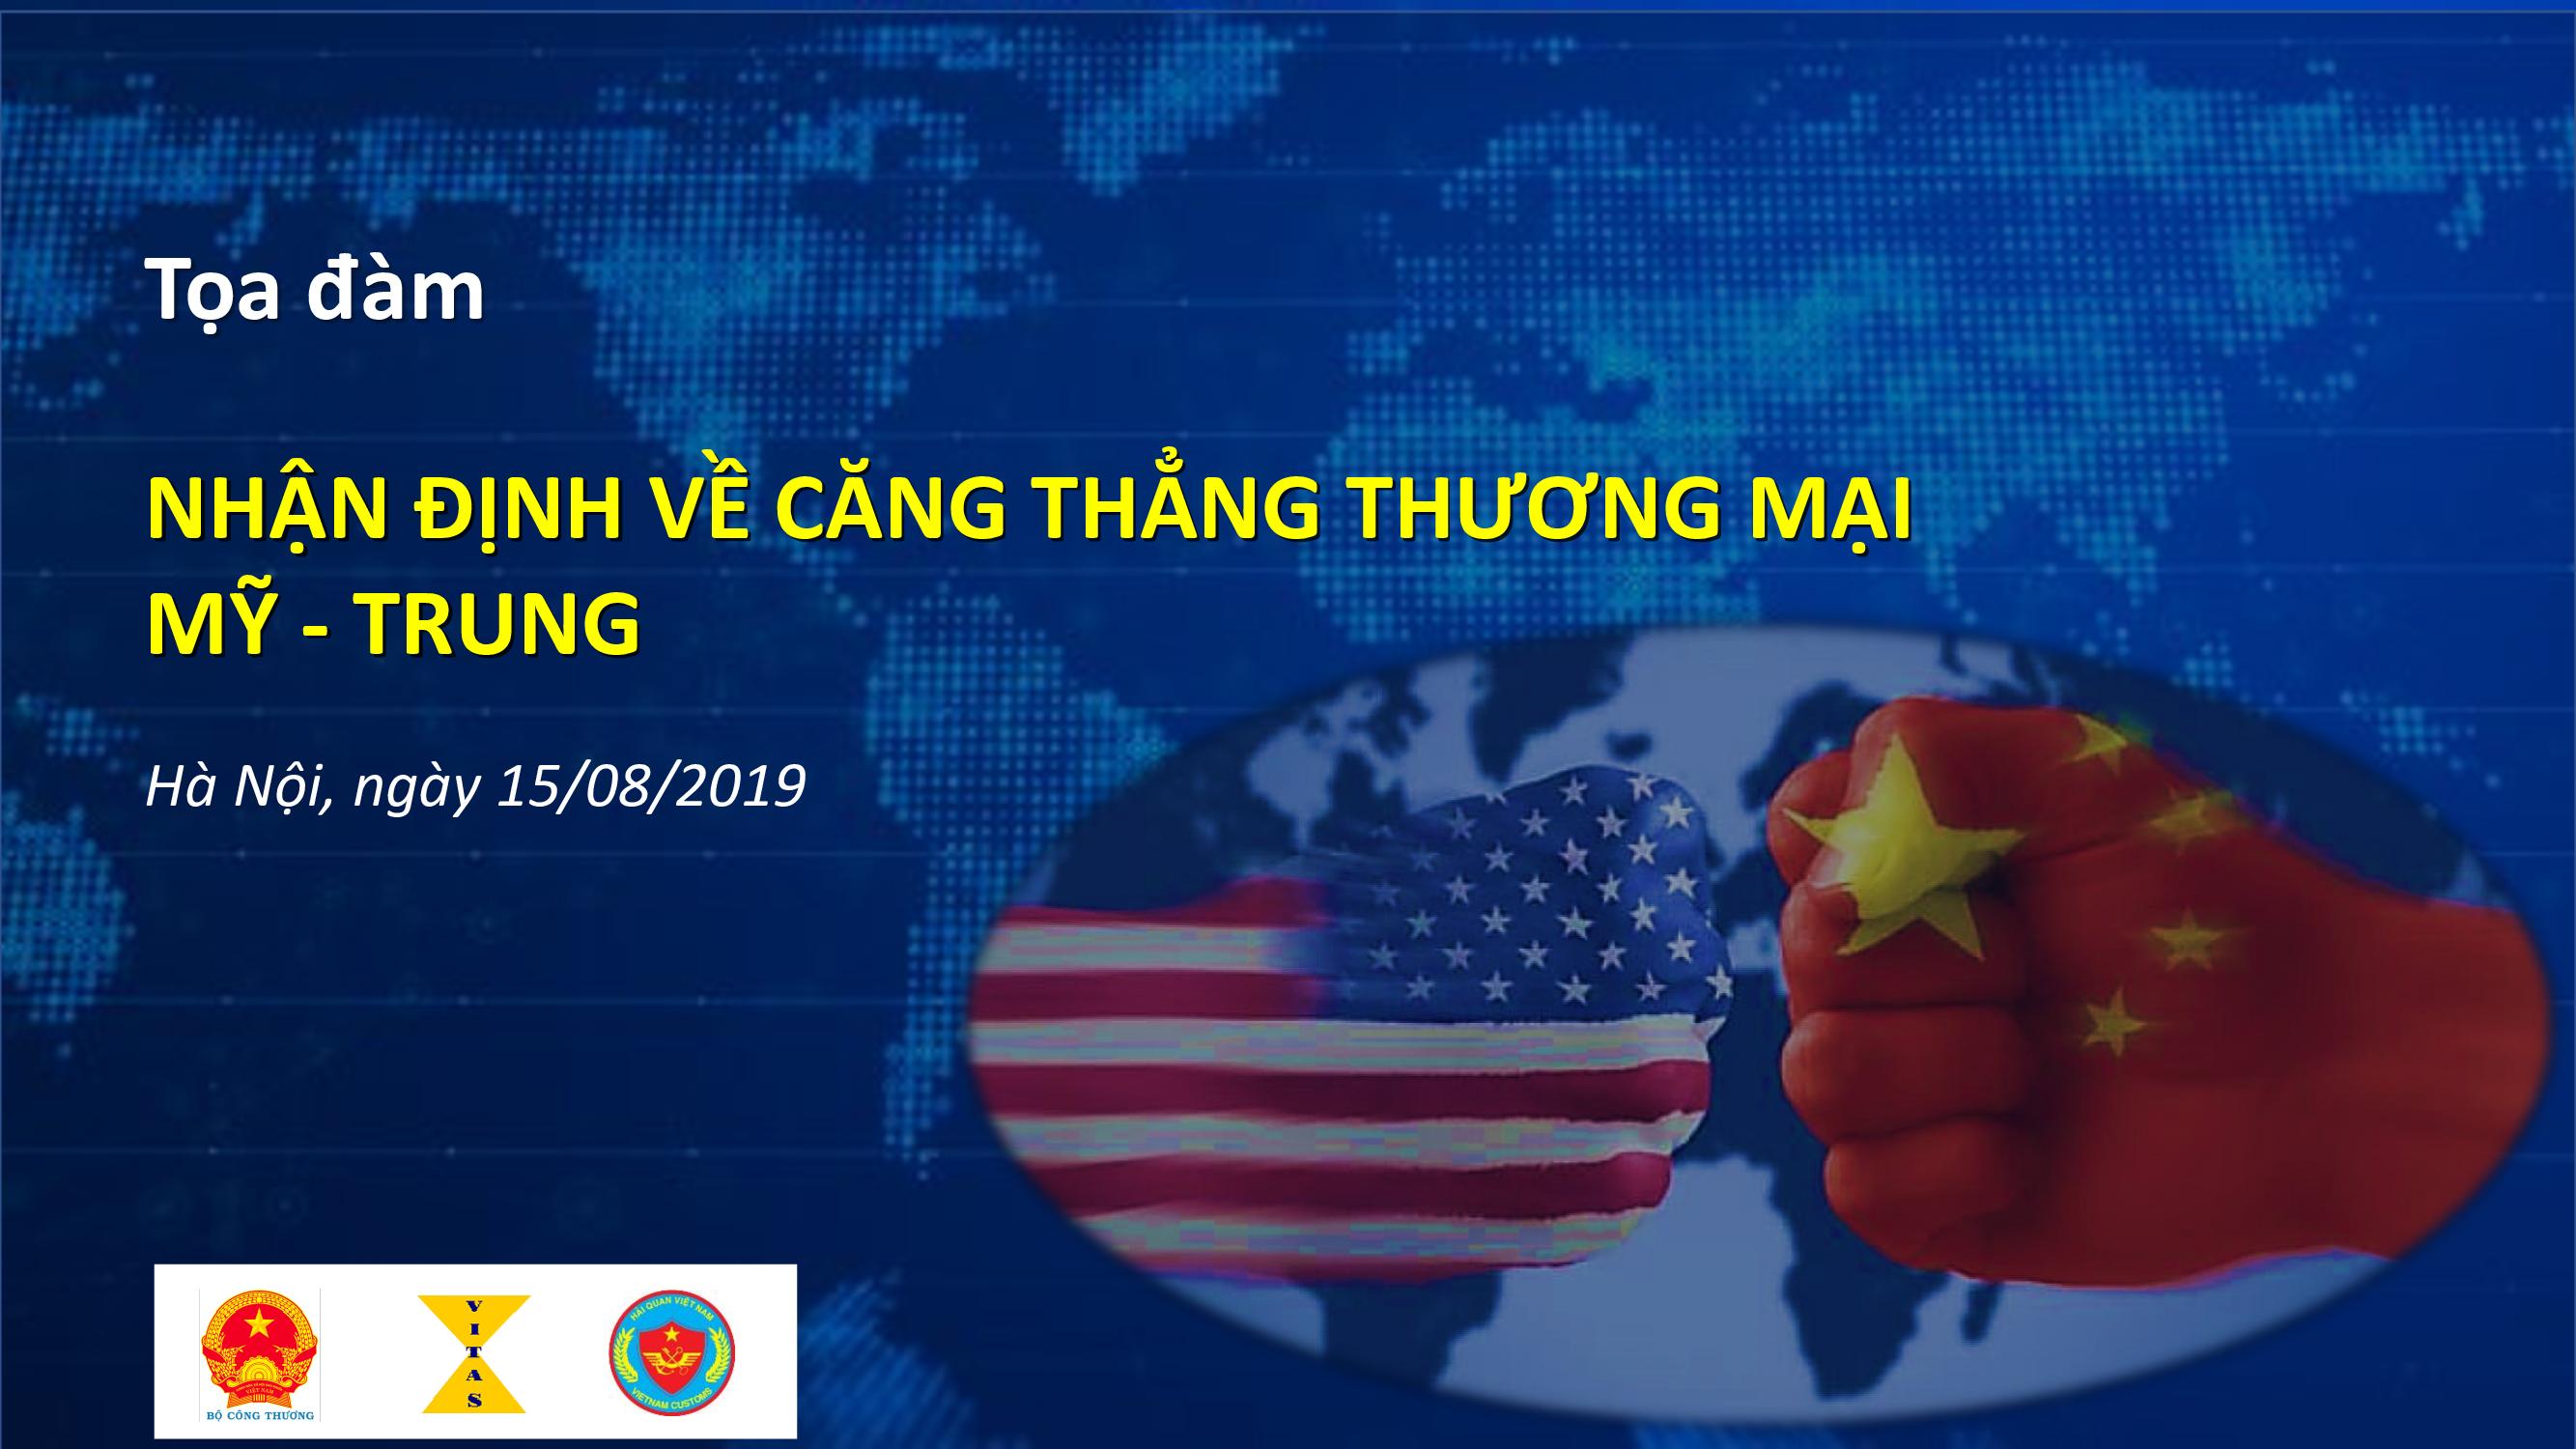 Mời tham dự Tọa đàm nhận định về căng thẳng Mỹ - Trung